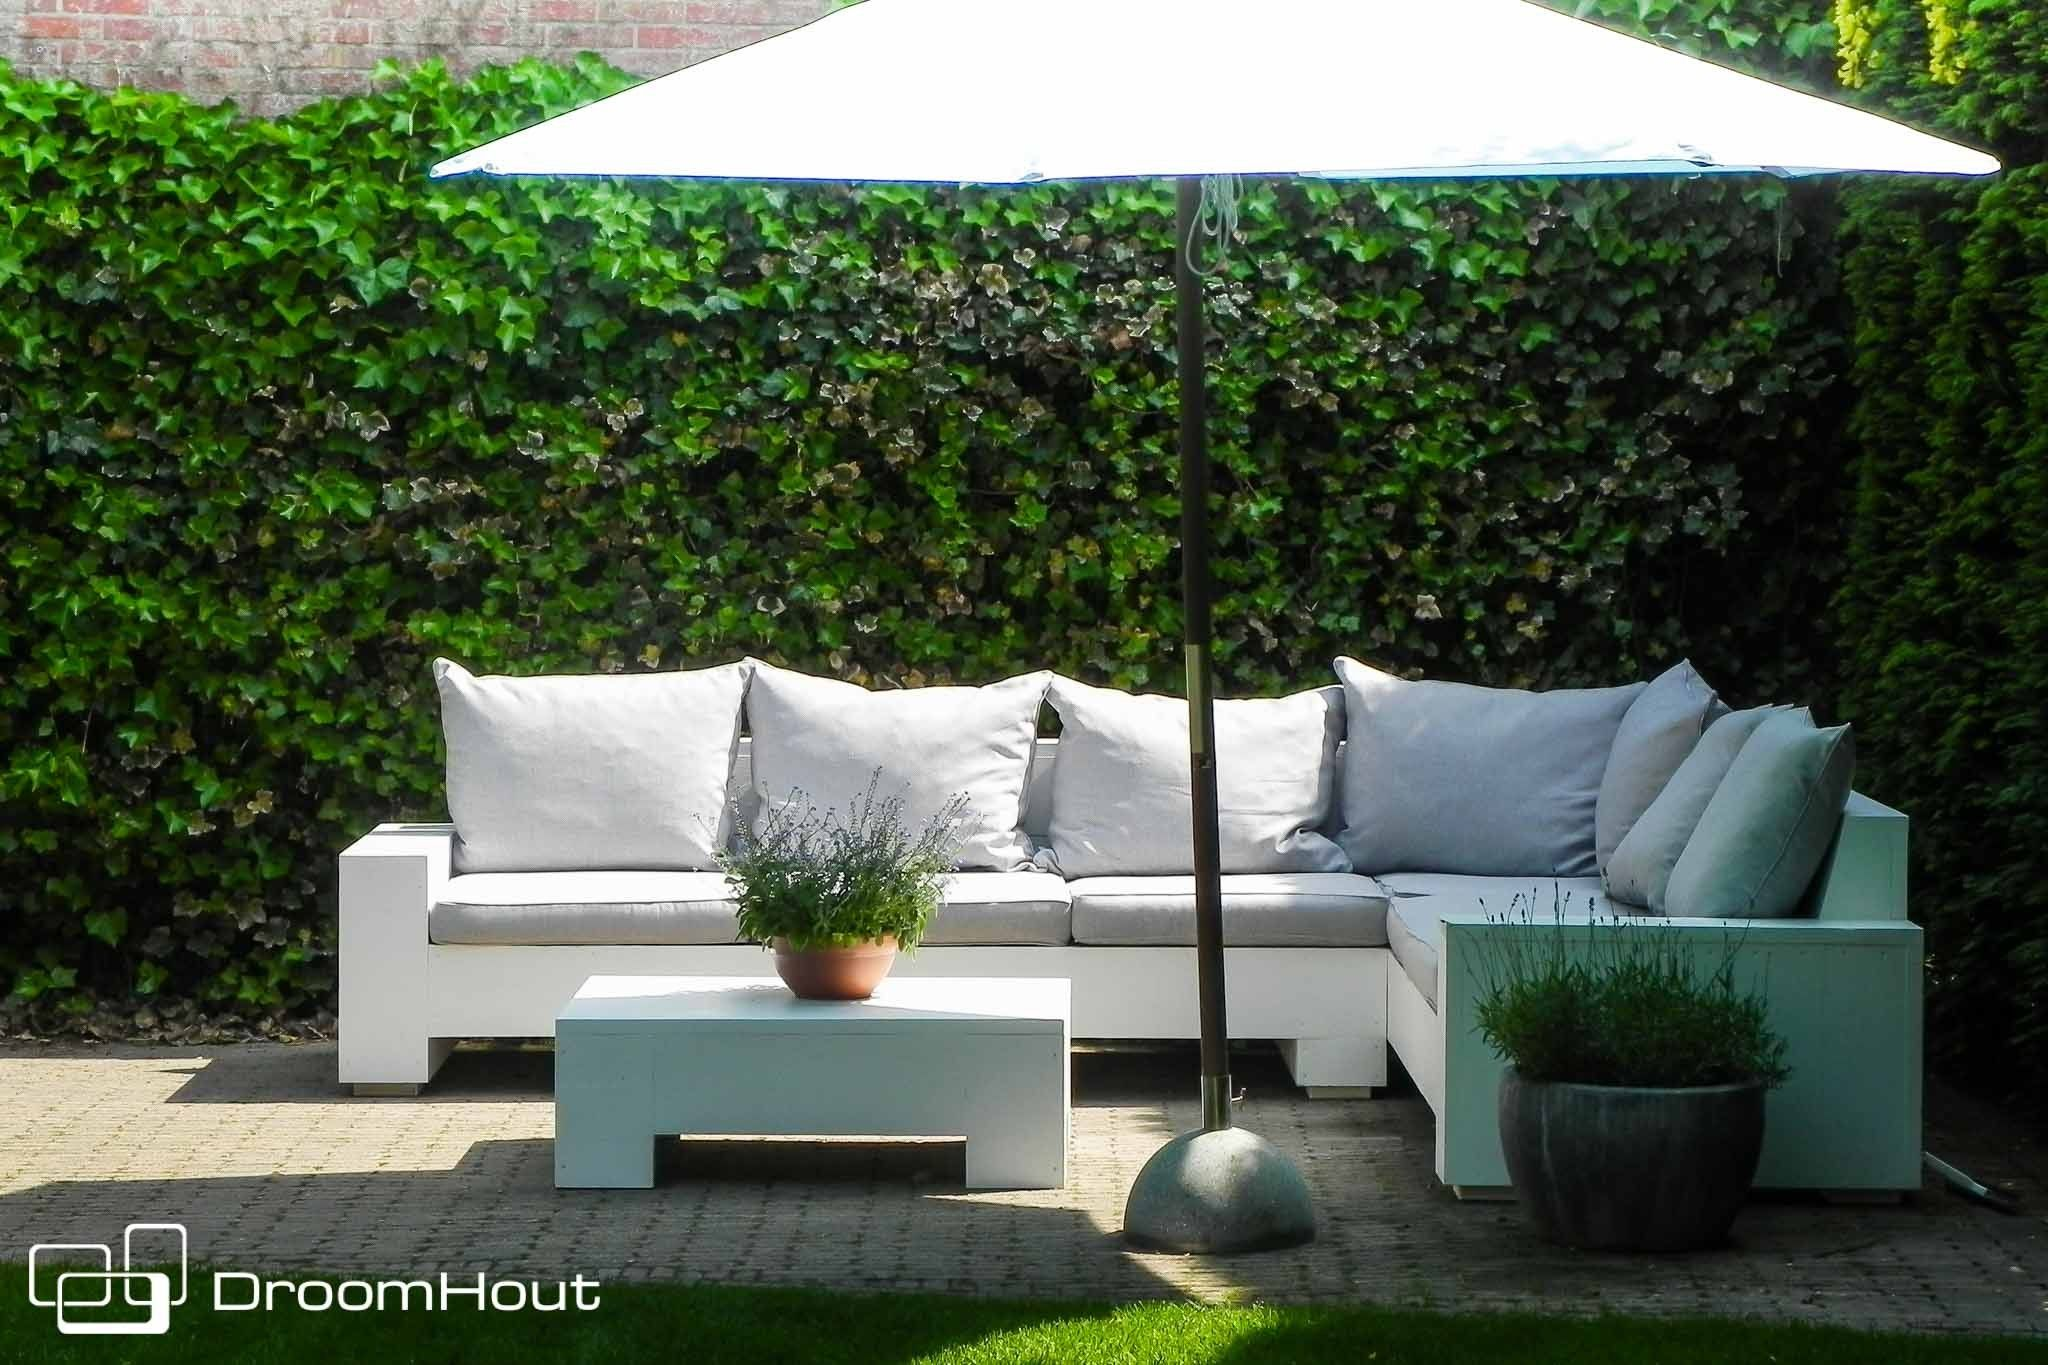 Lounge Hoekbank Tuin : Lounge hoekbank tuin hout hagemøbler pinterest